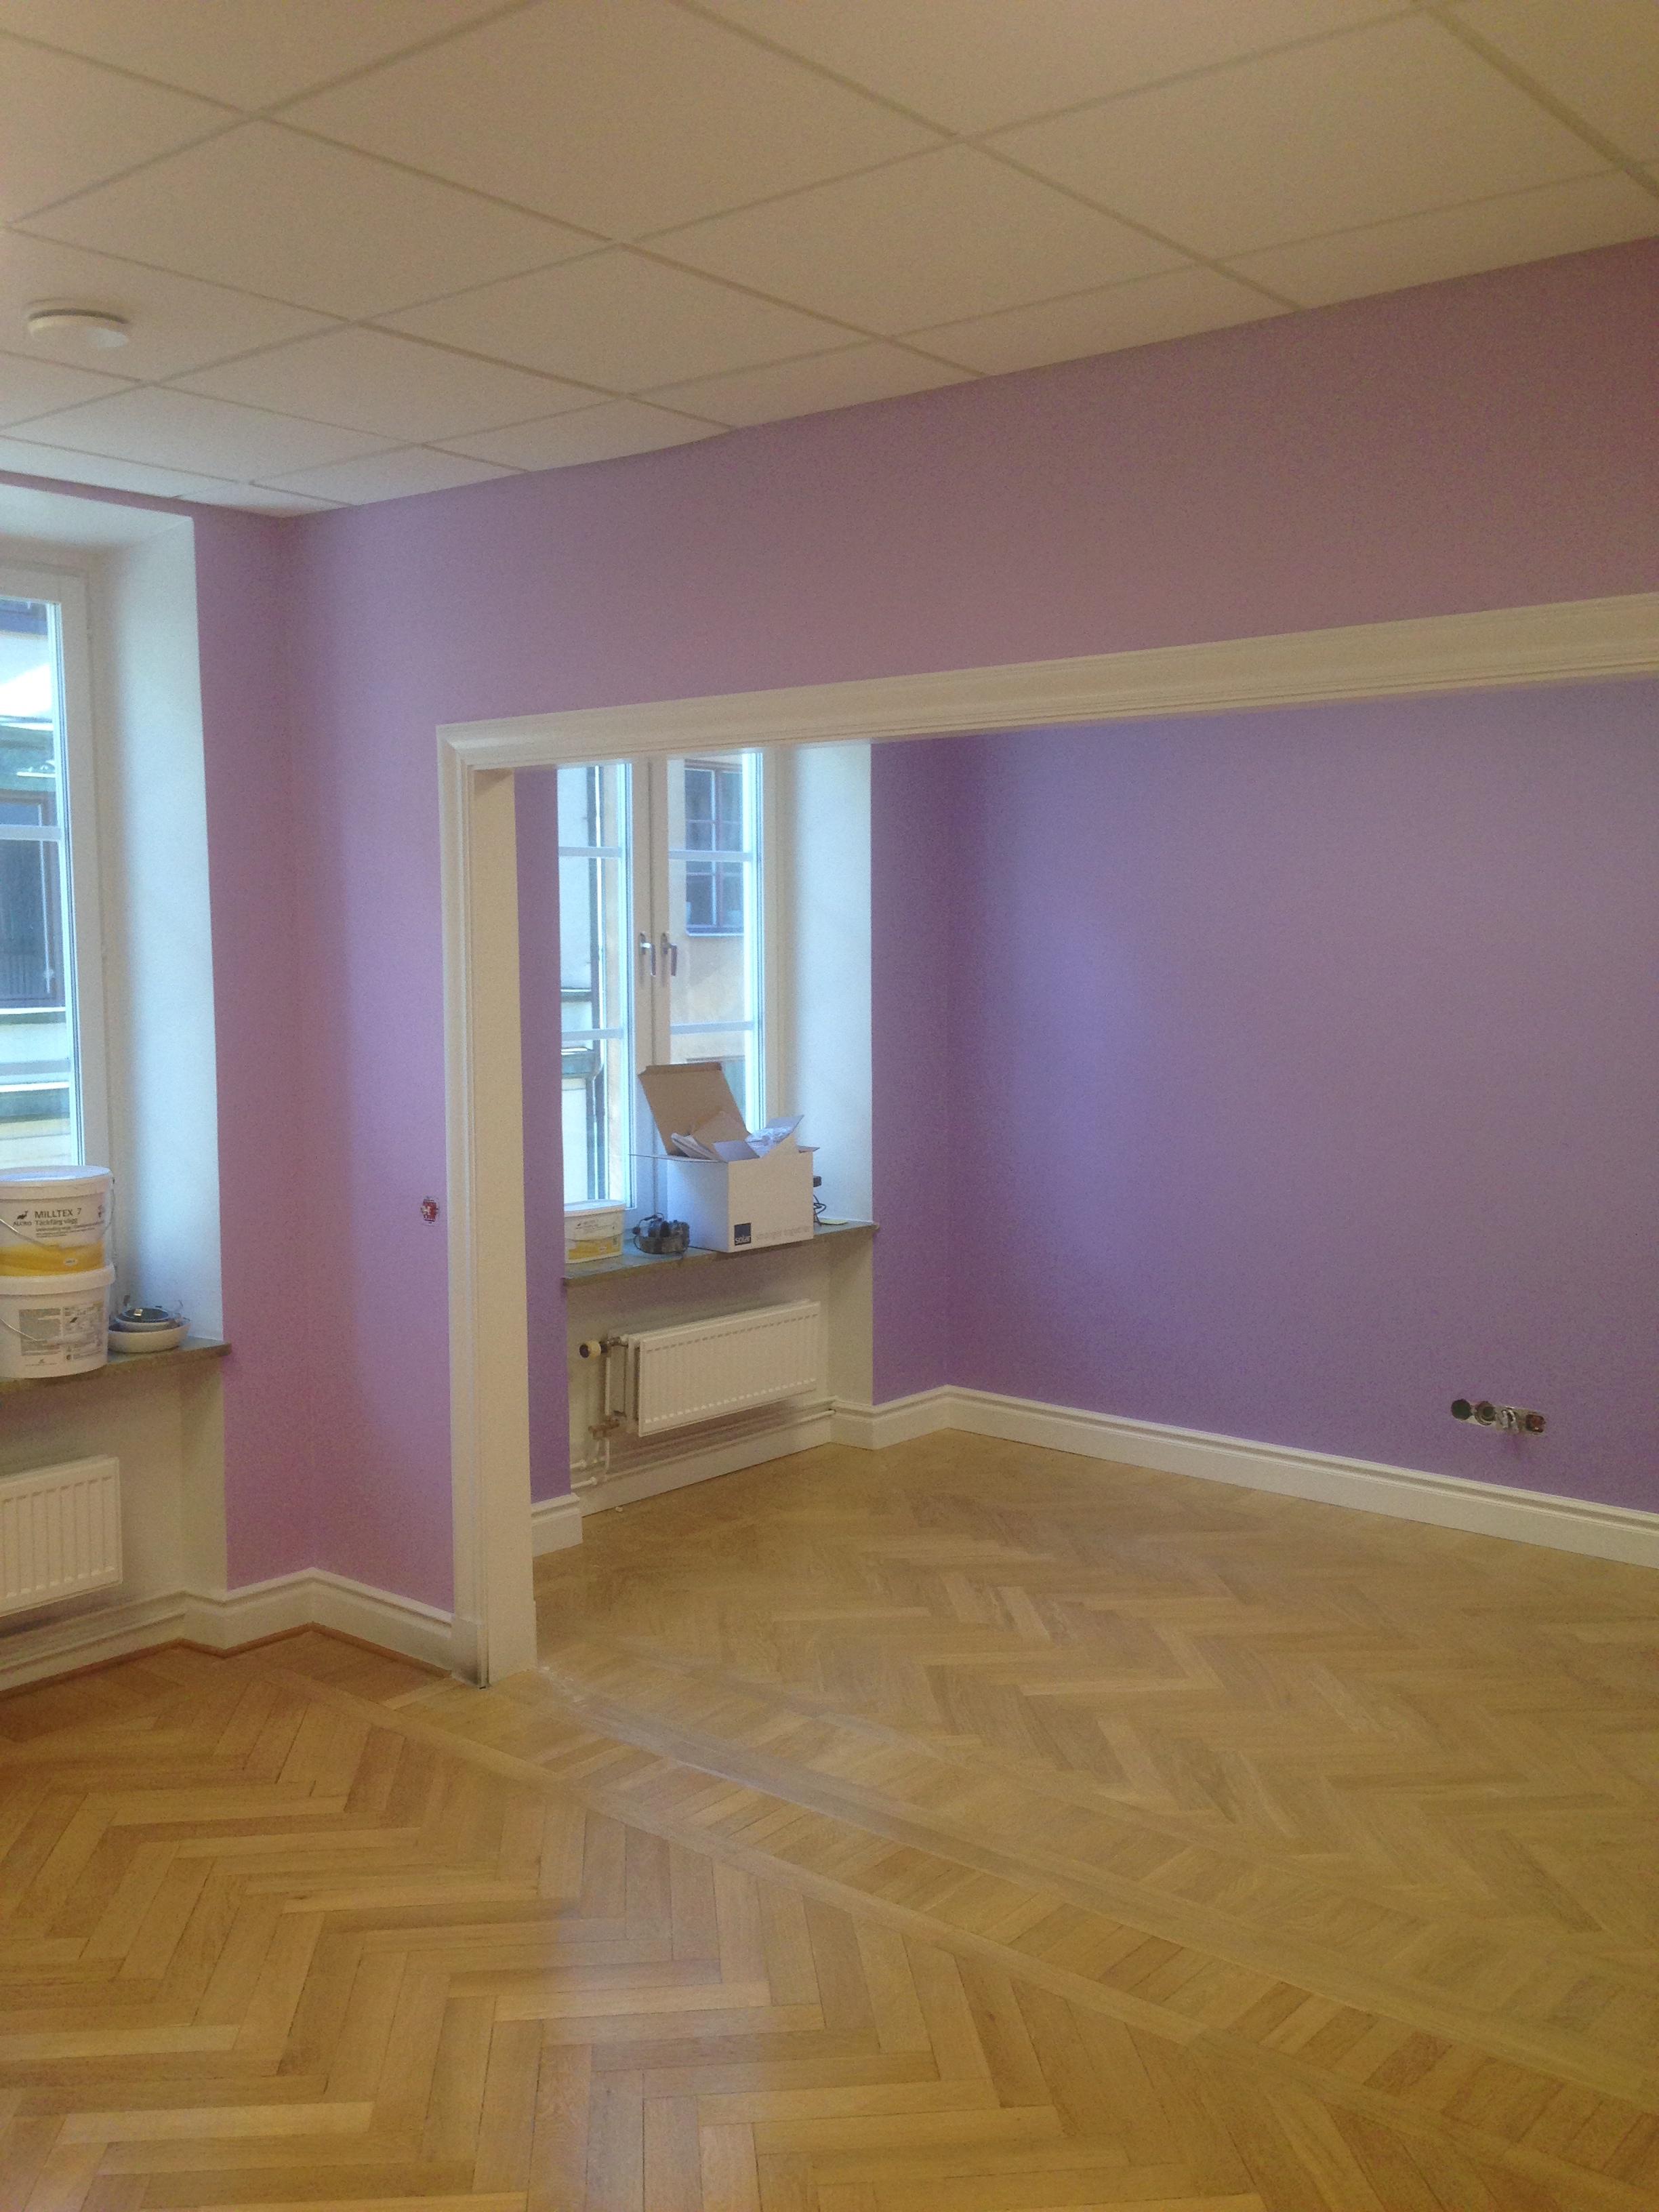 Lila rummet